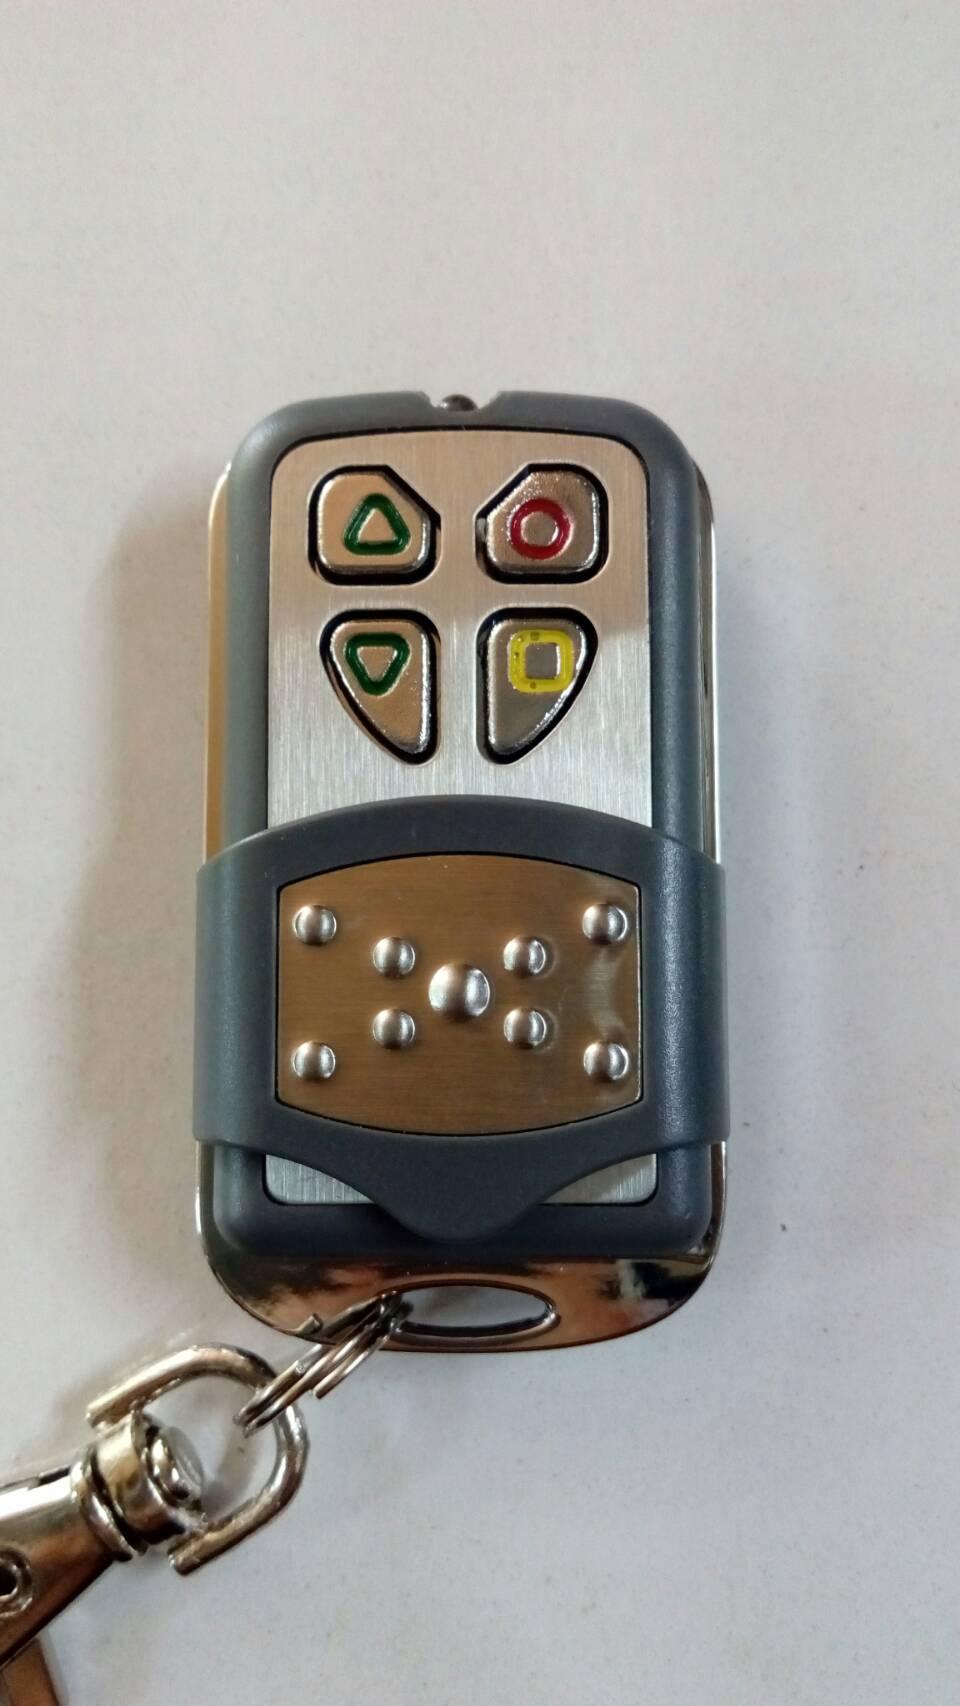 鐵捲門遙控器